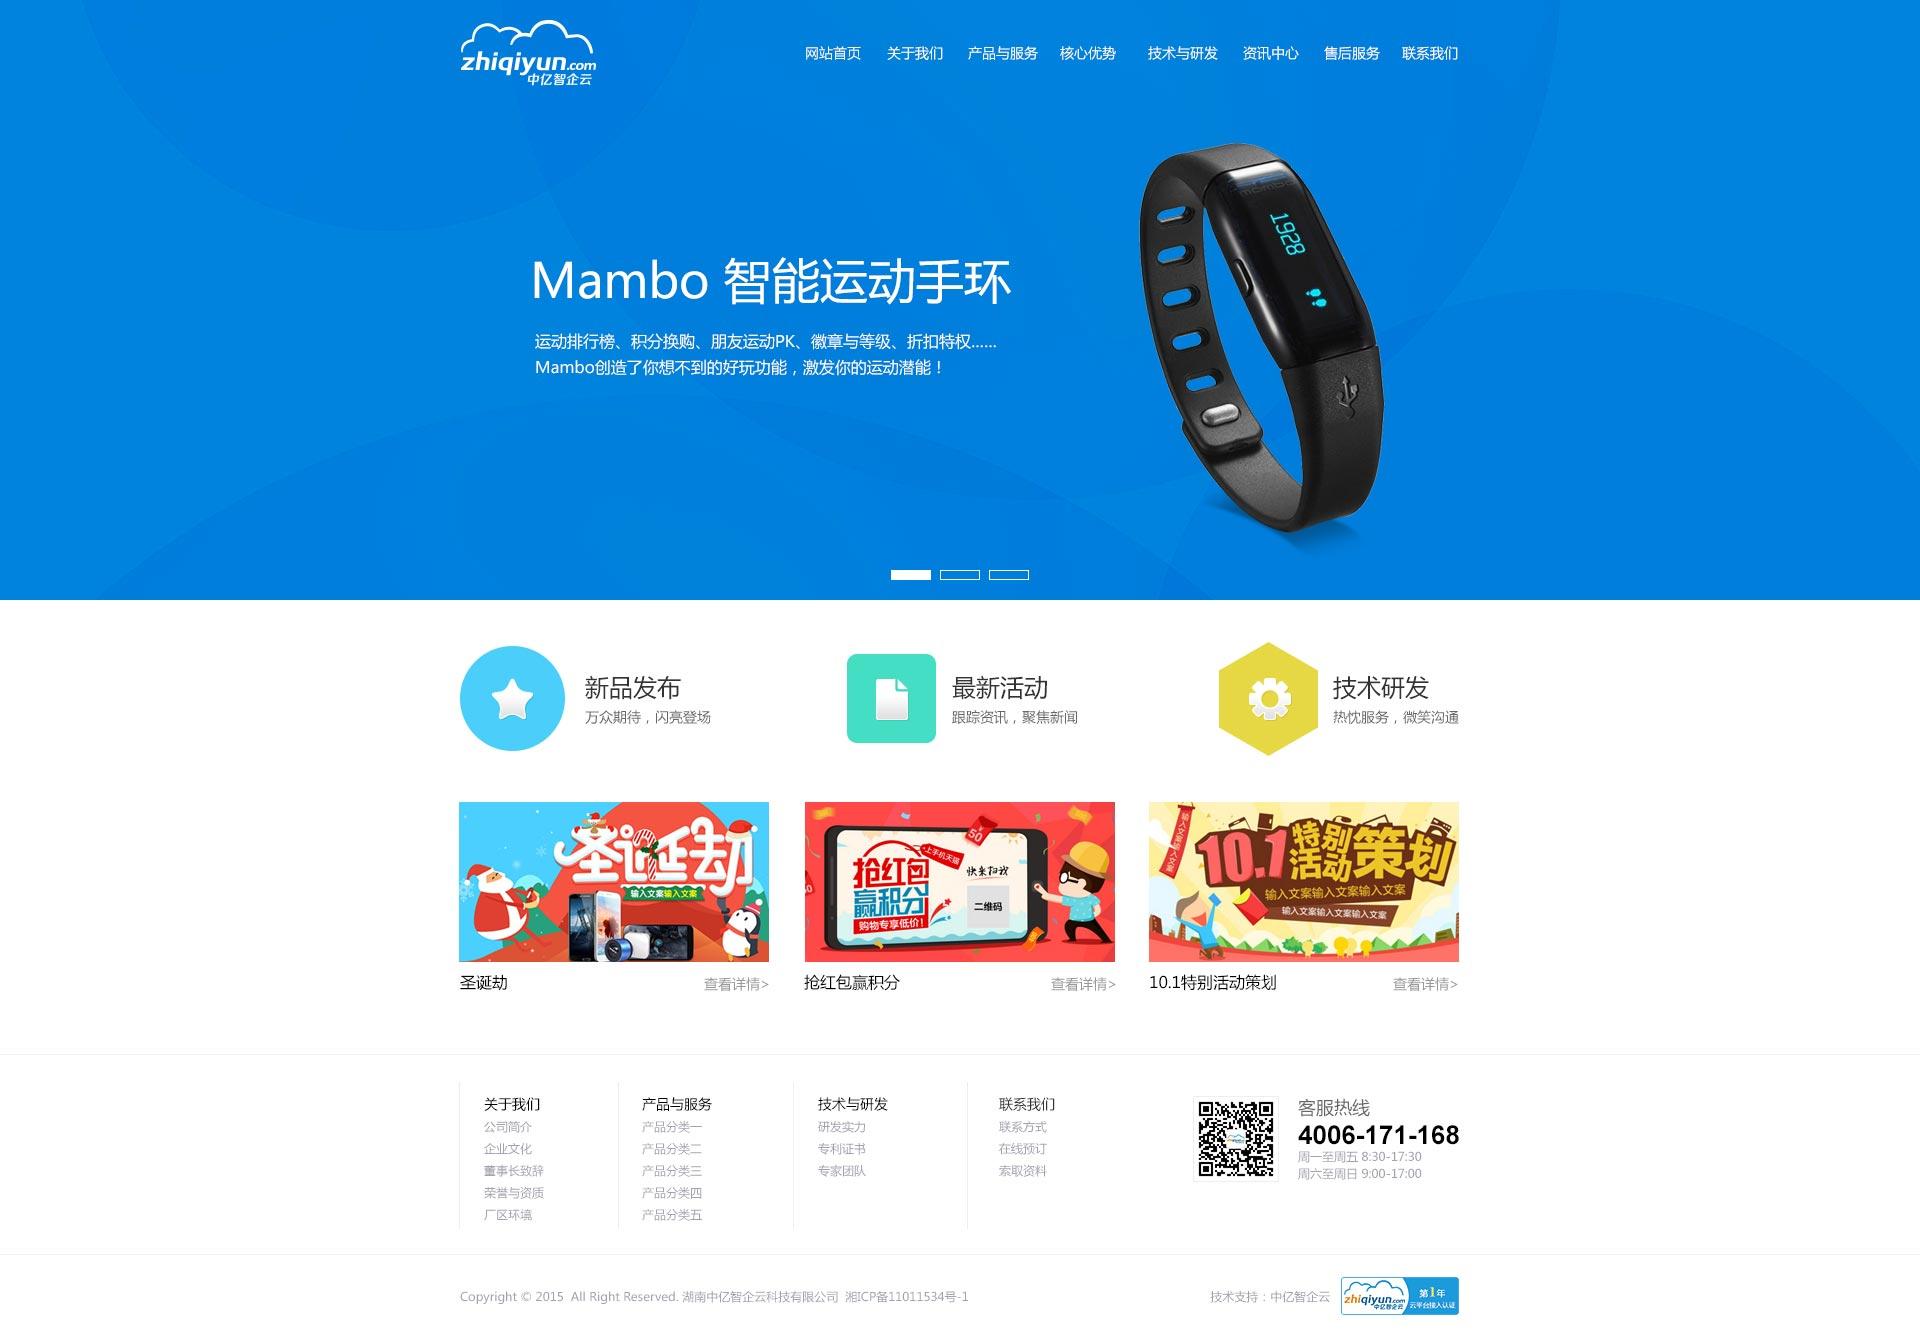 科技集团手机WAP网站设计方案